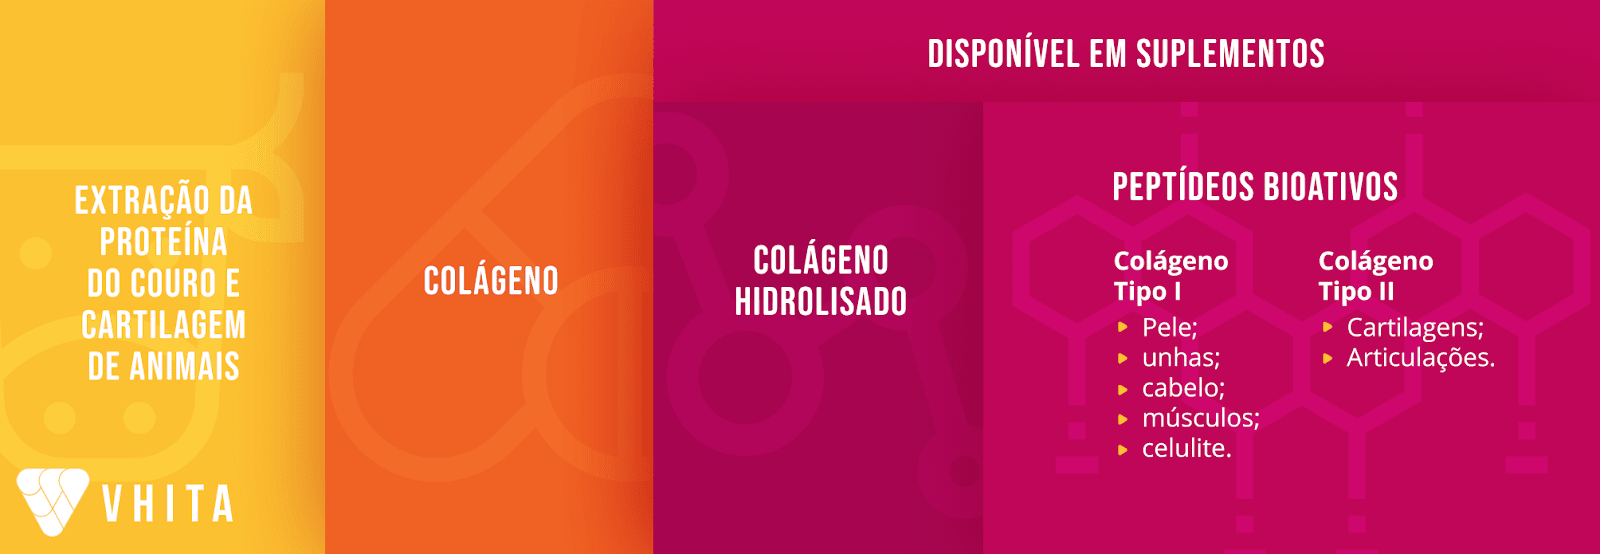 Colágeno e os tipos de suplementos de colágeno disponíveis.